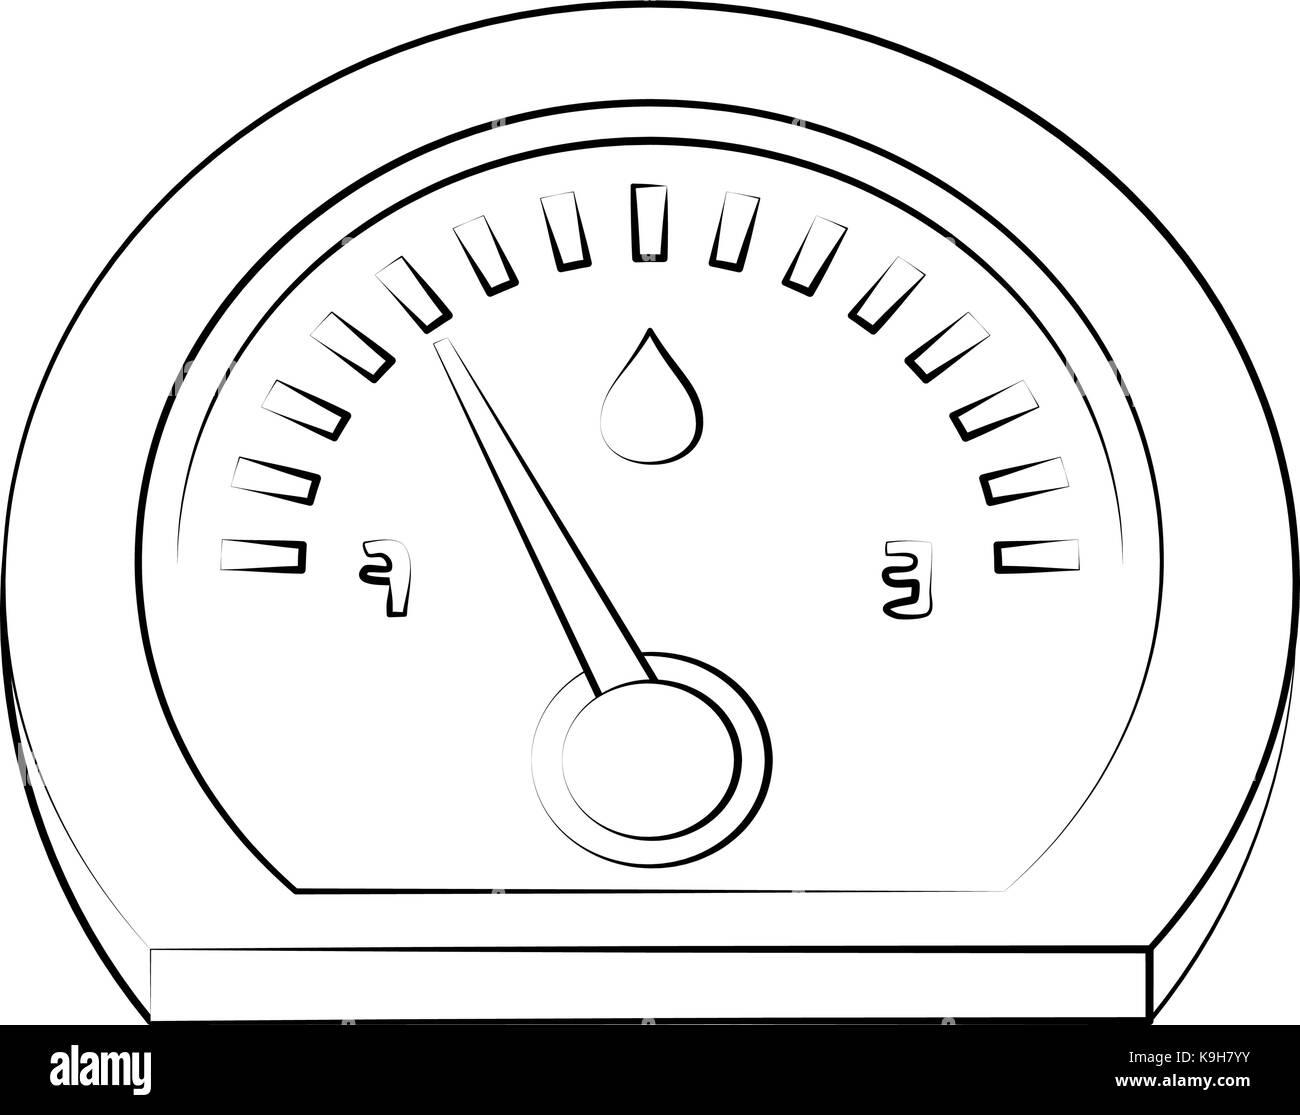 Car fuel meter - Stock Image